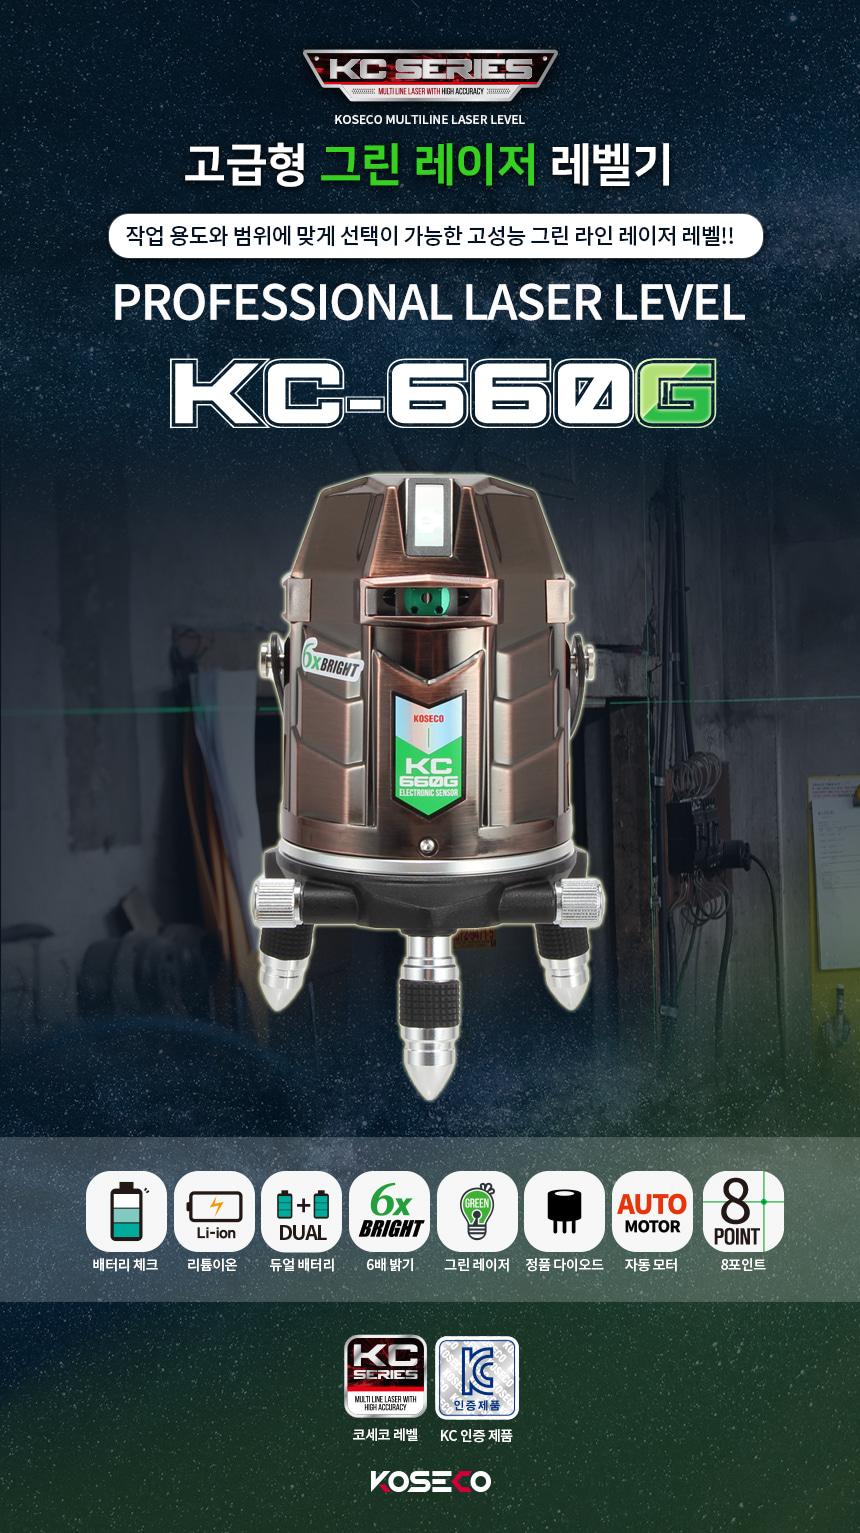 kc-660g